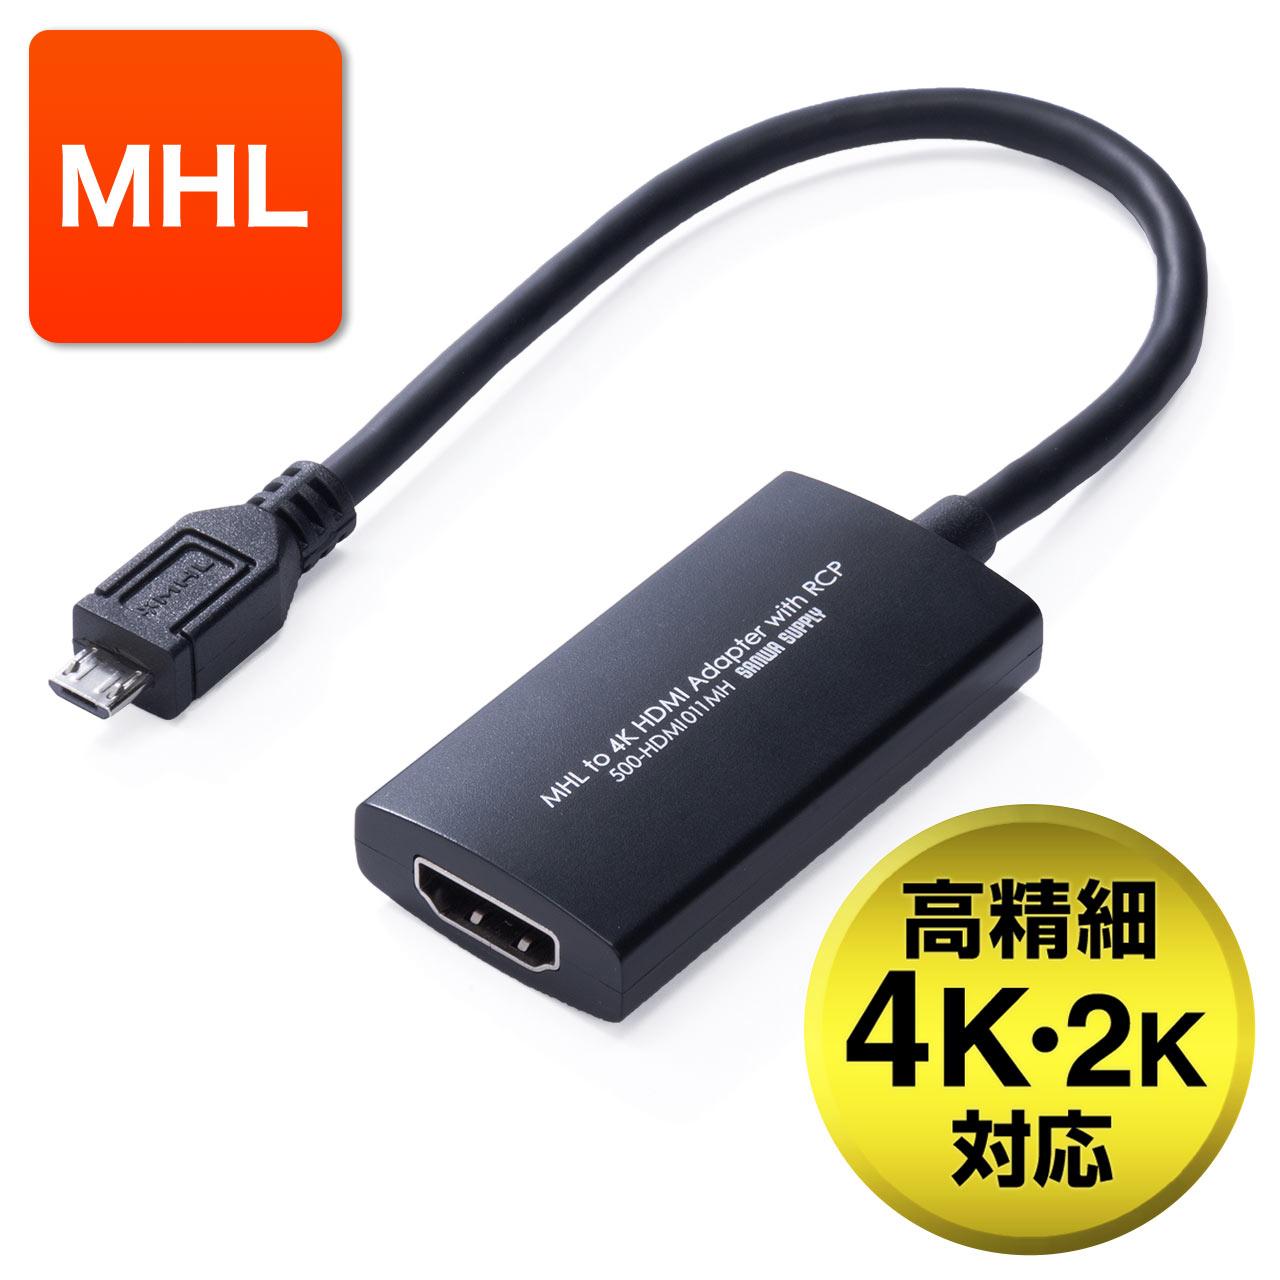 MHL変換アダプタ(MHL3.0・HDMI・4K対応・Xperia Z5・Z5 Compact・Z5 Premium・Z4・Z4 Tablet・Z3・Z3 compact対応 ) サンワダイレクト サンワサプライ 500-HDMI011MH